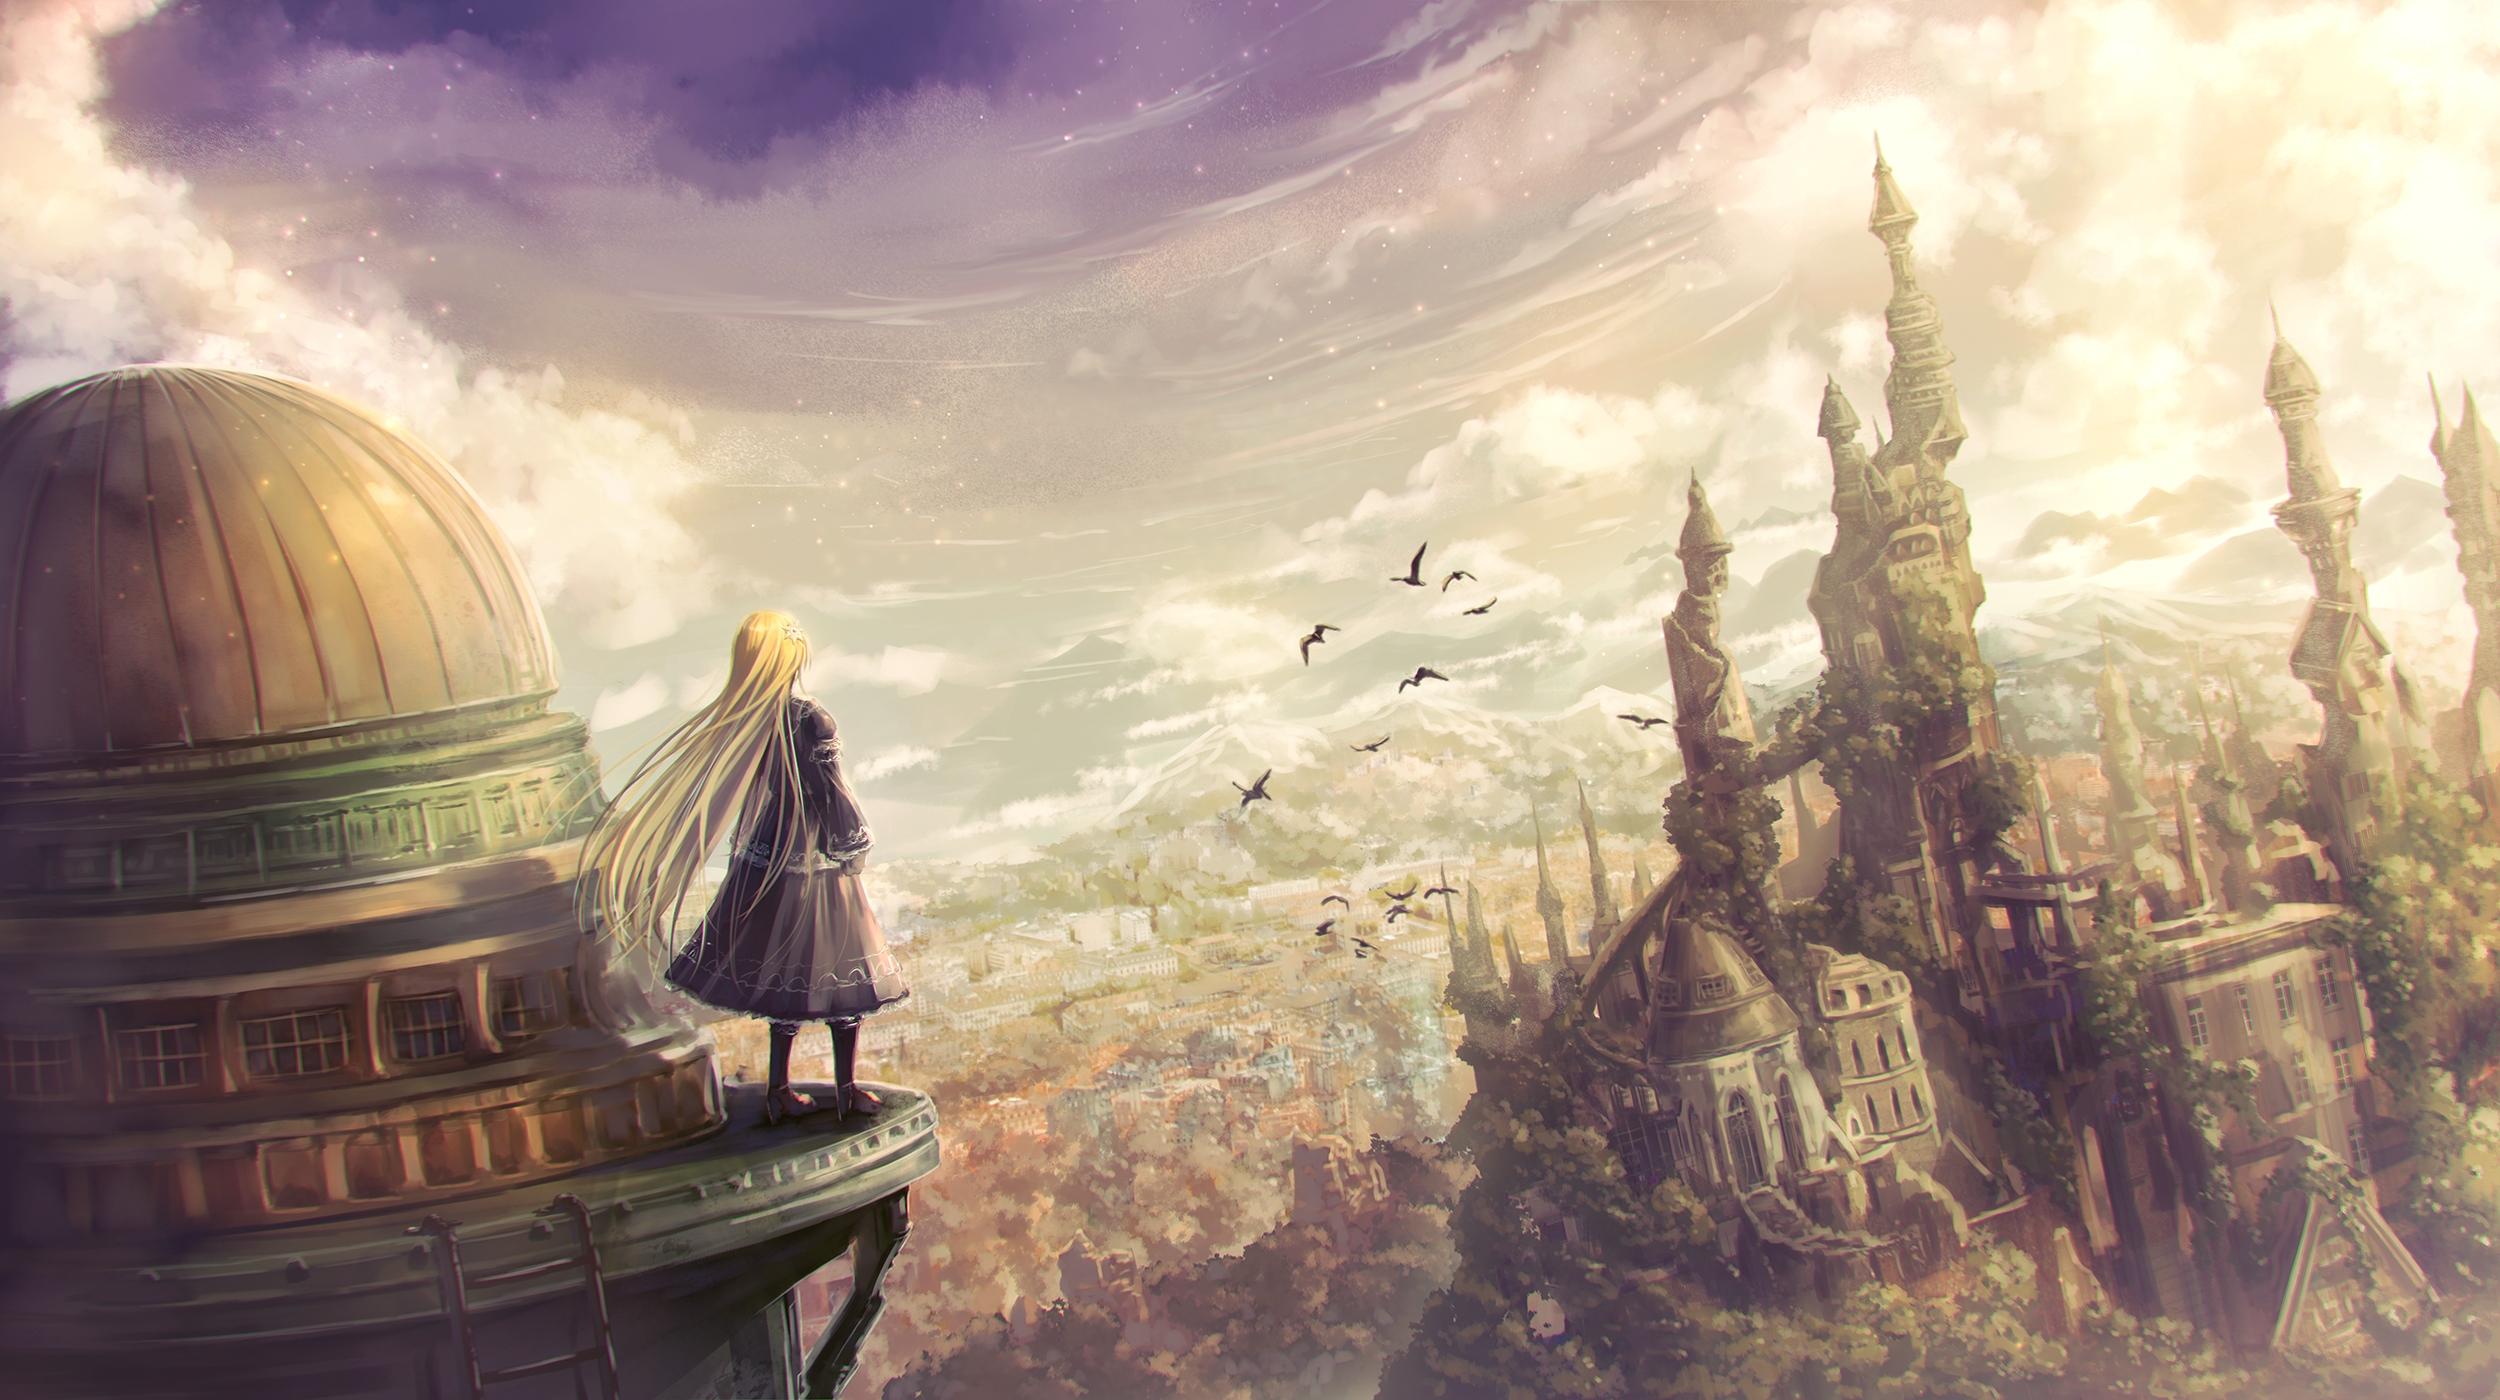 Anime Girl Fantasy Artwork, HD Anime, 4k Wallpapers ...